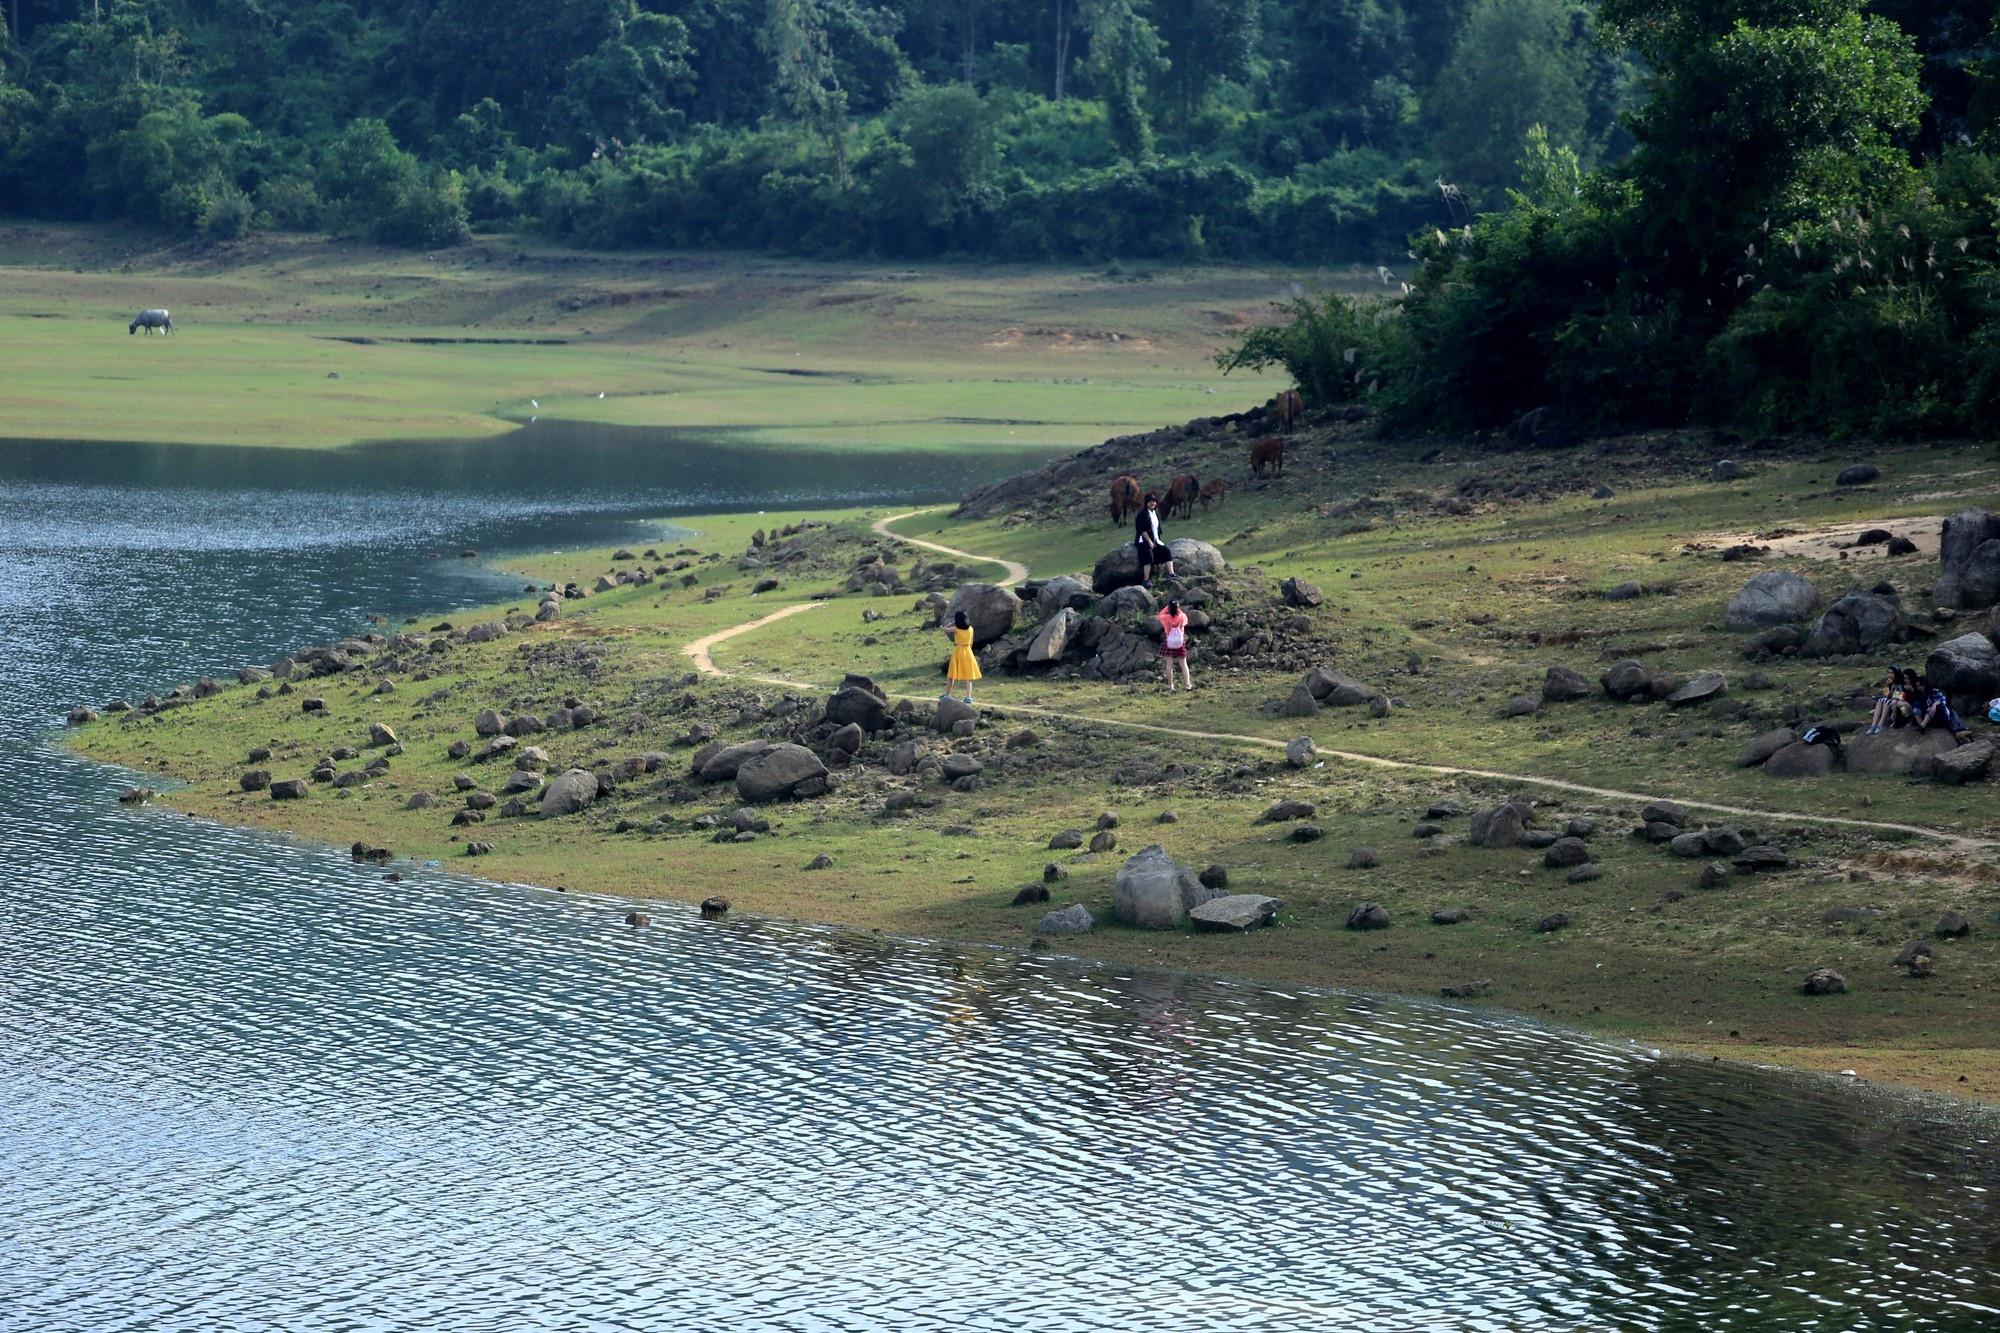 Hồ thủy lợi Phú Ninh khô cạn giữa mùa mưa - Ảnh 3.